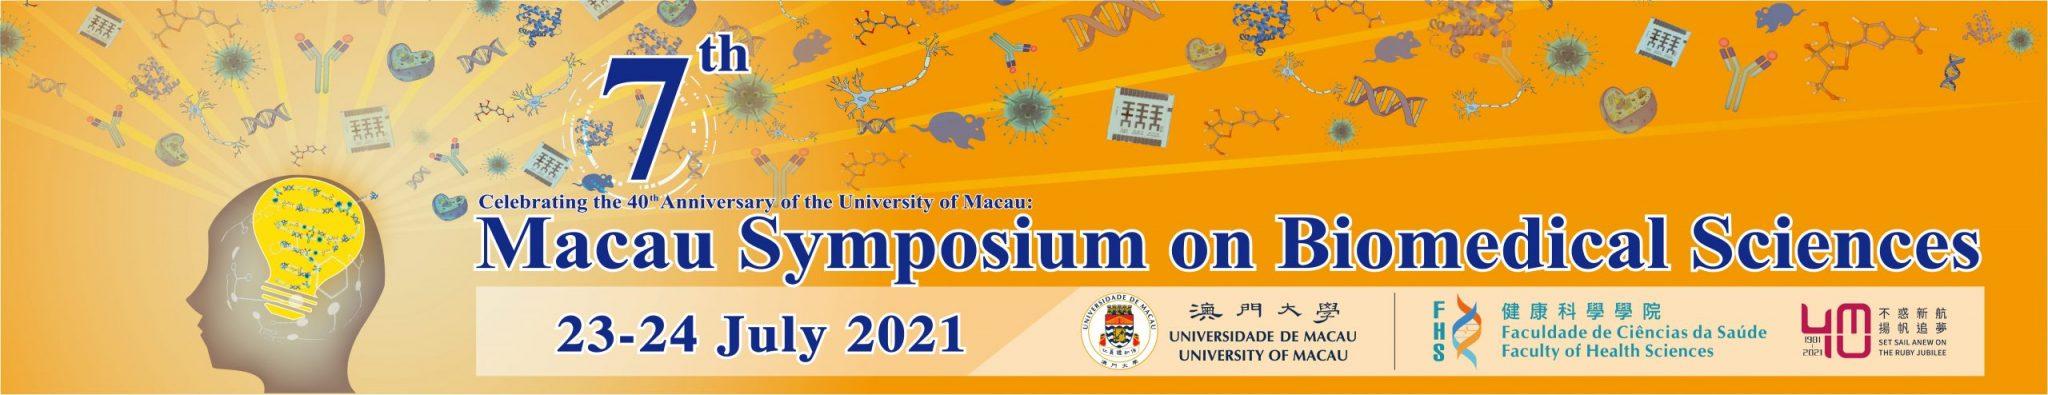 7th Macau Symposium on Biomedical Sciences 2021 Logo